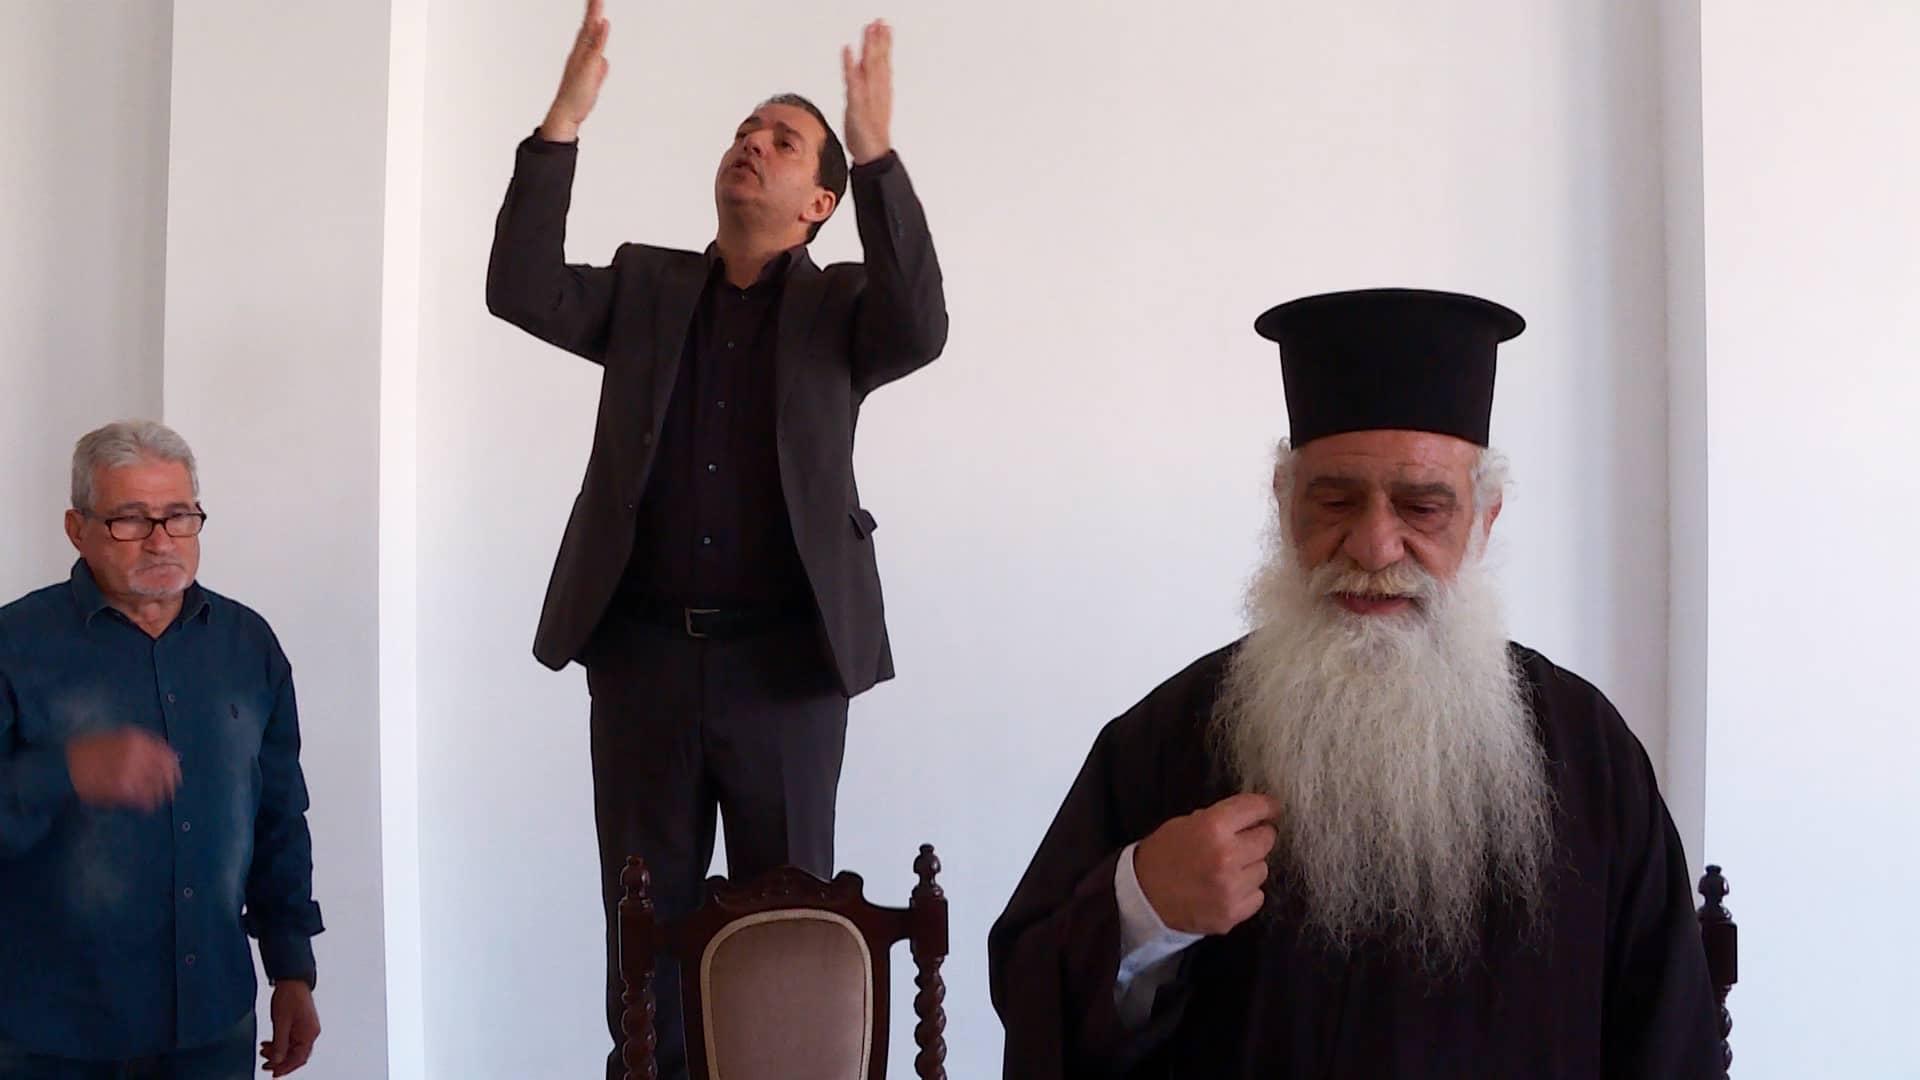 Θεία Λειτουργία στην νοηματική γλώσσα στη Λακατάμεια Κύπρου (ΦΩΤΟ)